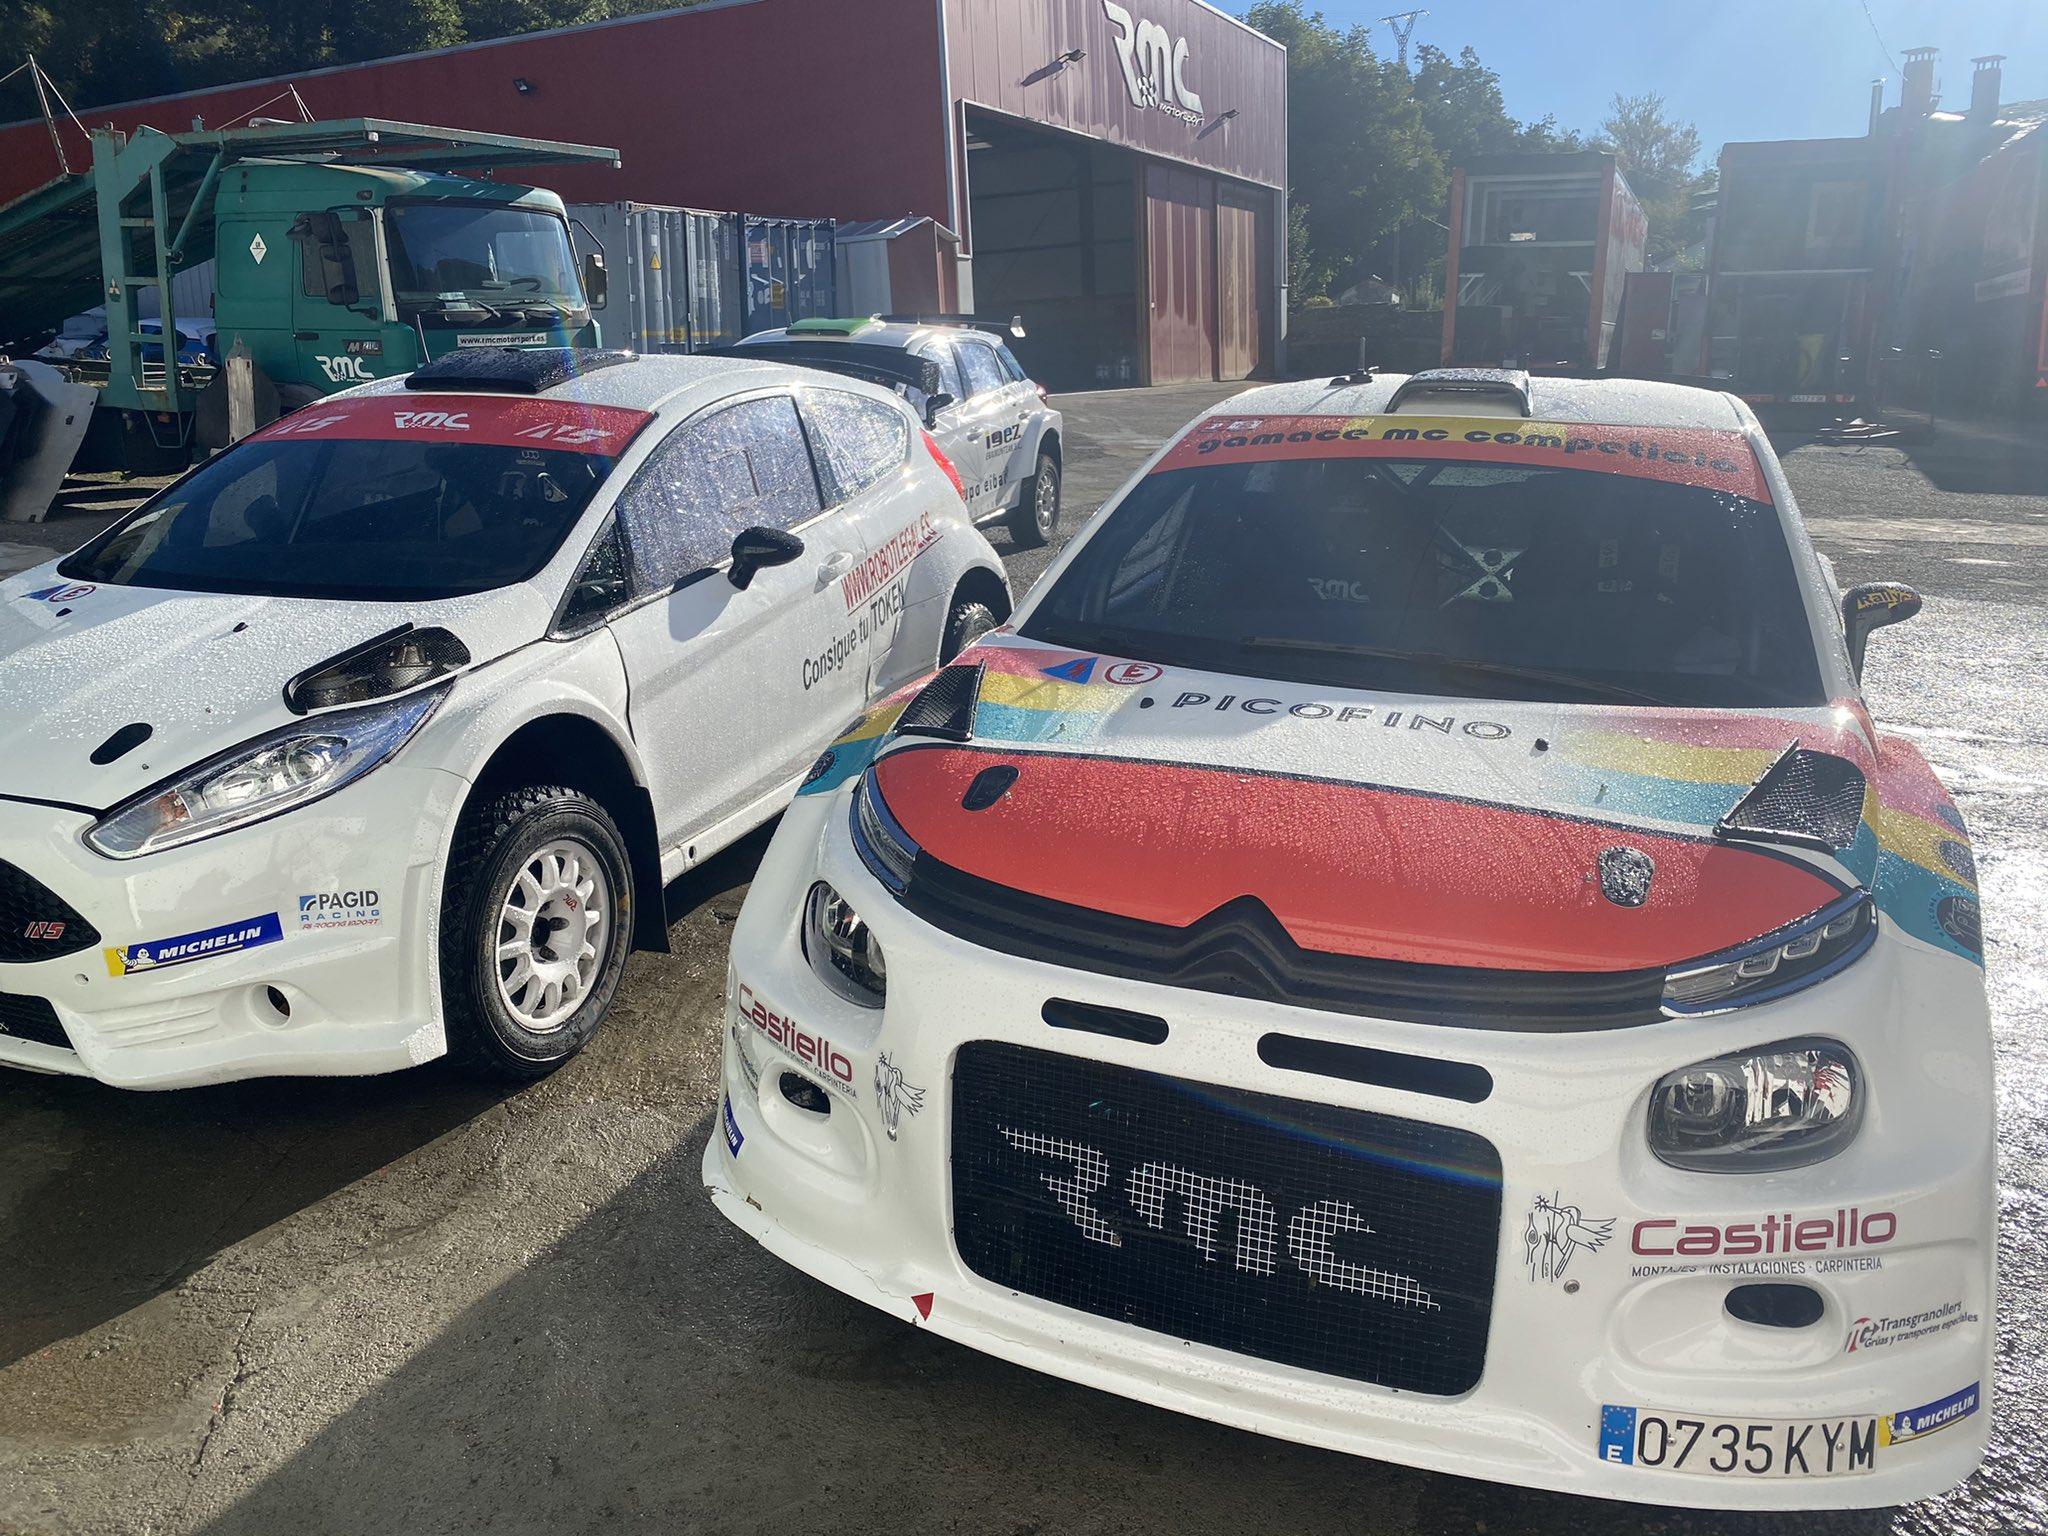 SCER + CERT: Rallye de Tierra de Madrid [8-9 Octubre] FBFW90AXIAQO8TK?format=jpg&name=large